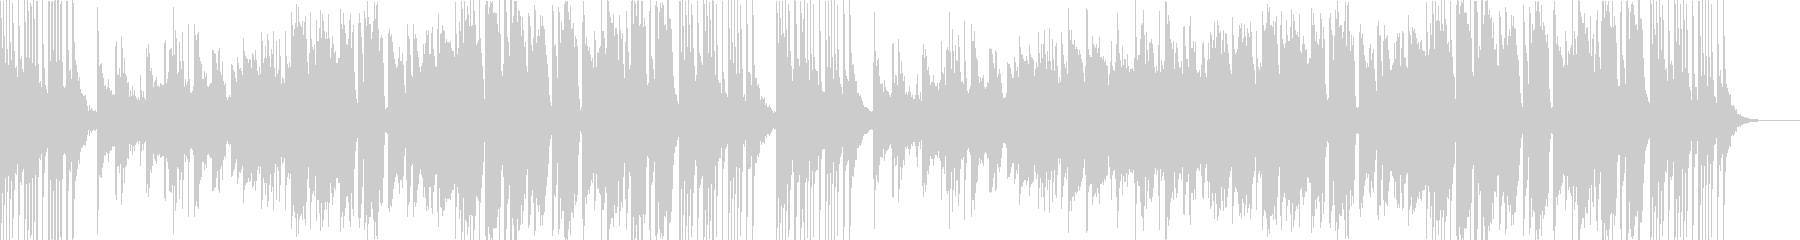 中国風BGM。二胡、木琴、ディーズなど。の未再生の波形